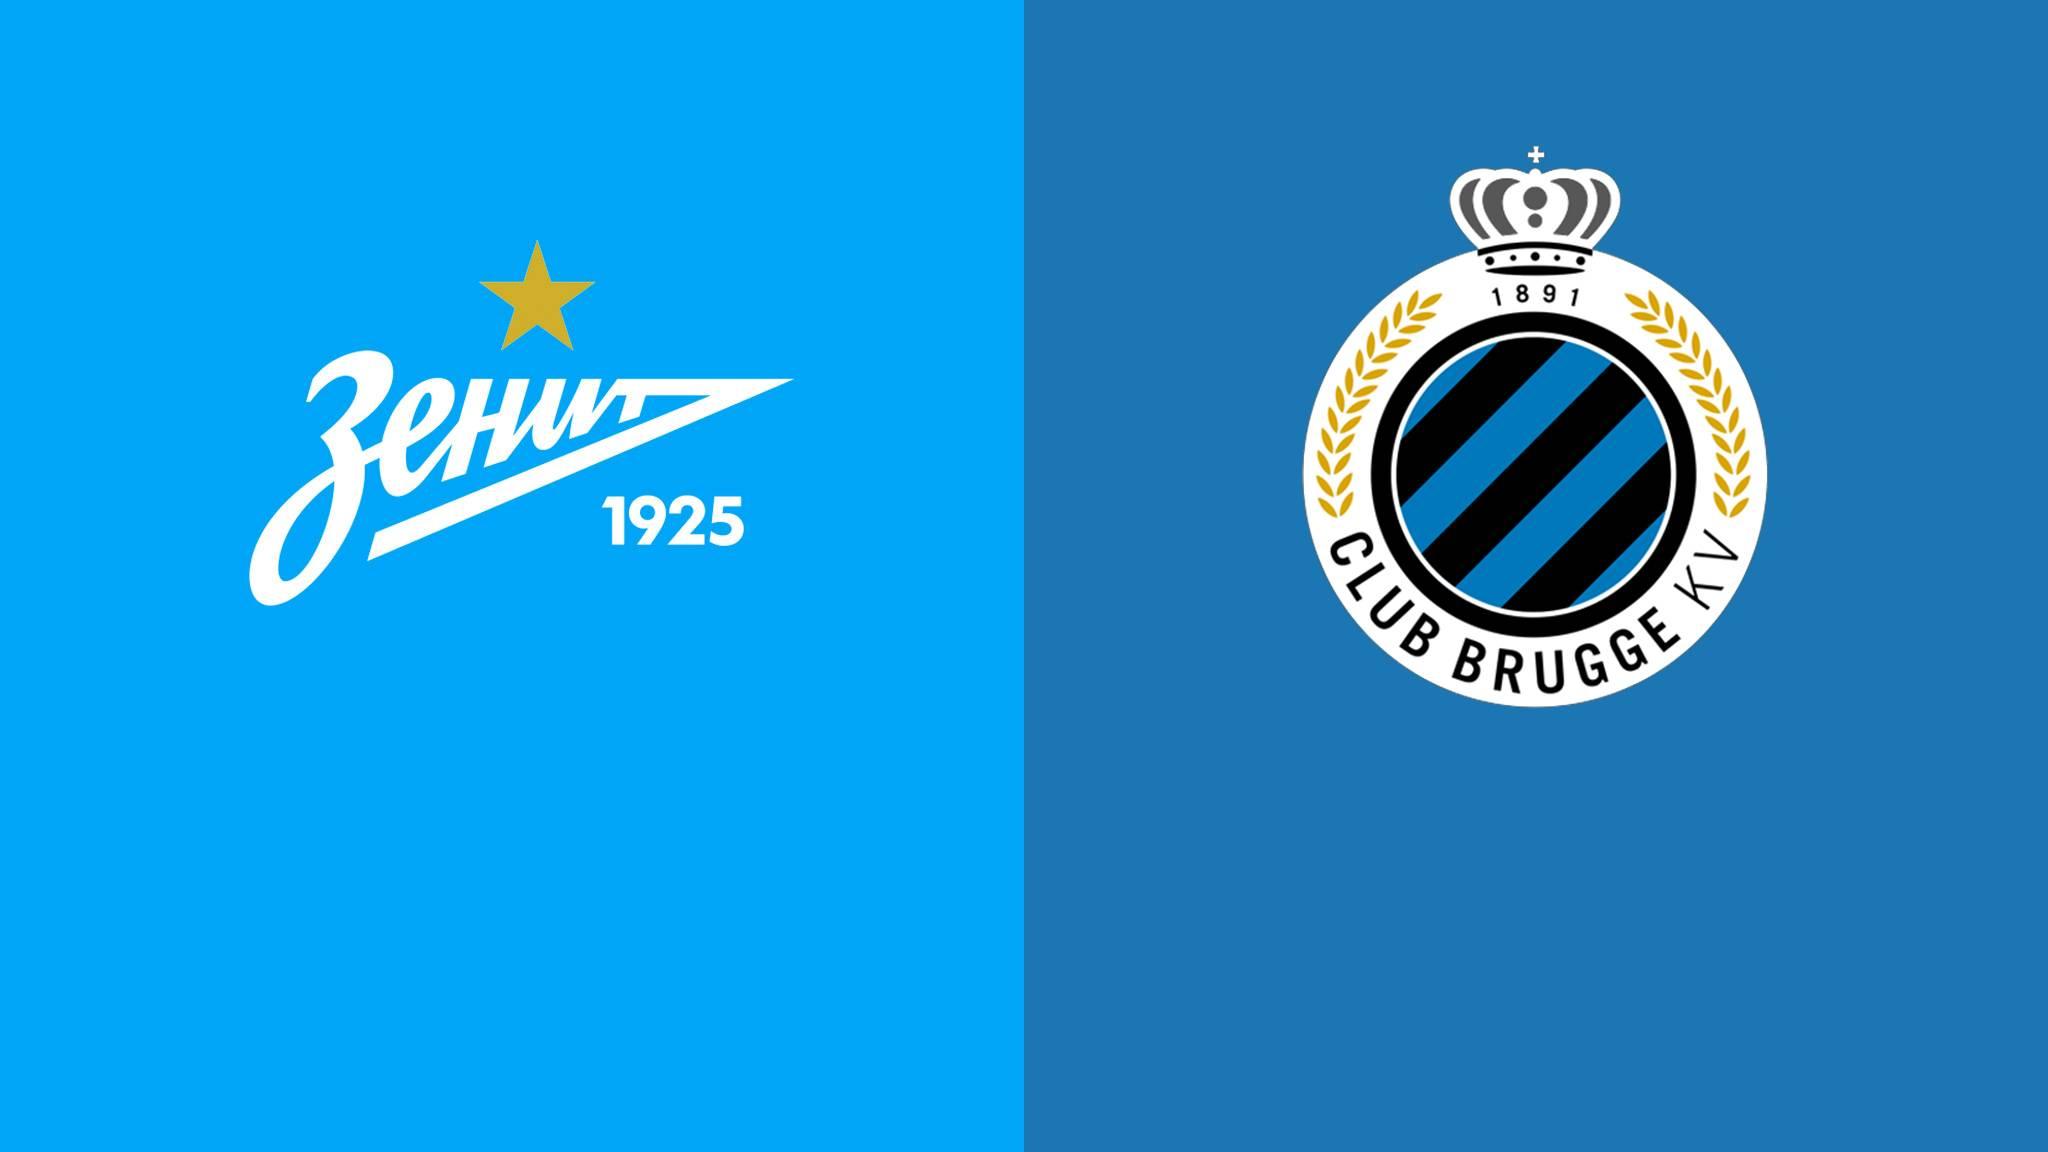 「欧冠杯」赛事前瞻:彼得堡泽尼特vs布鲁日,泽尼特全力以赴